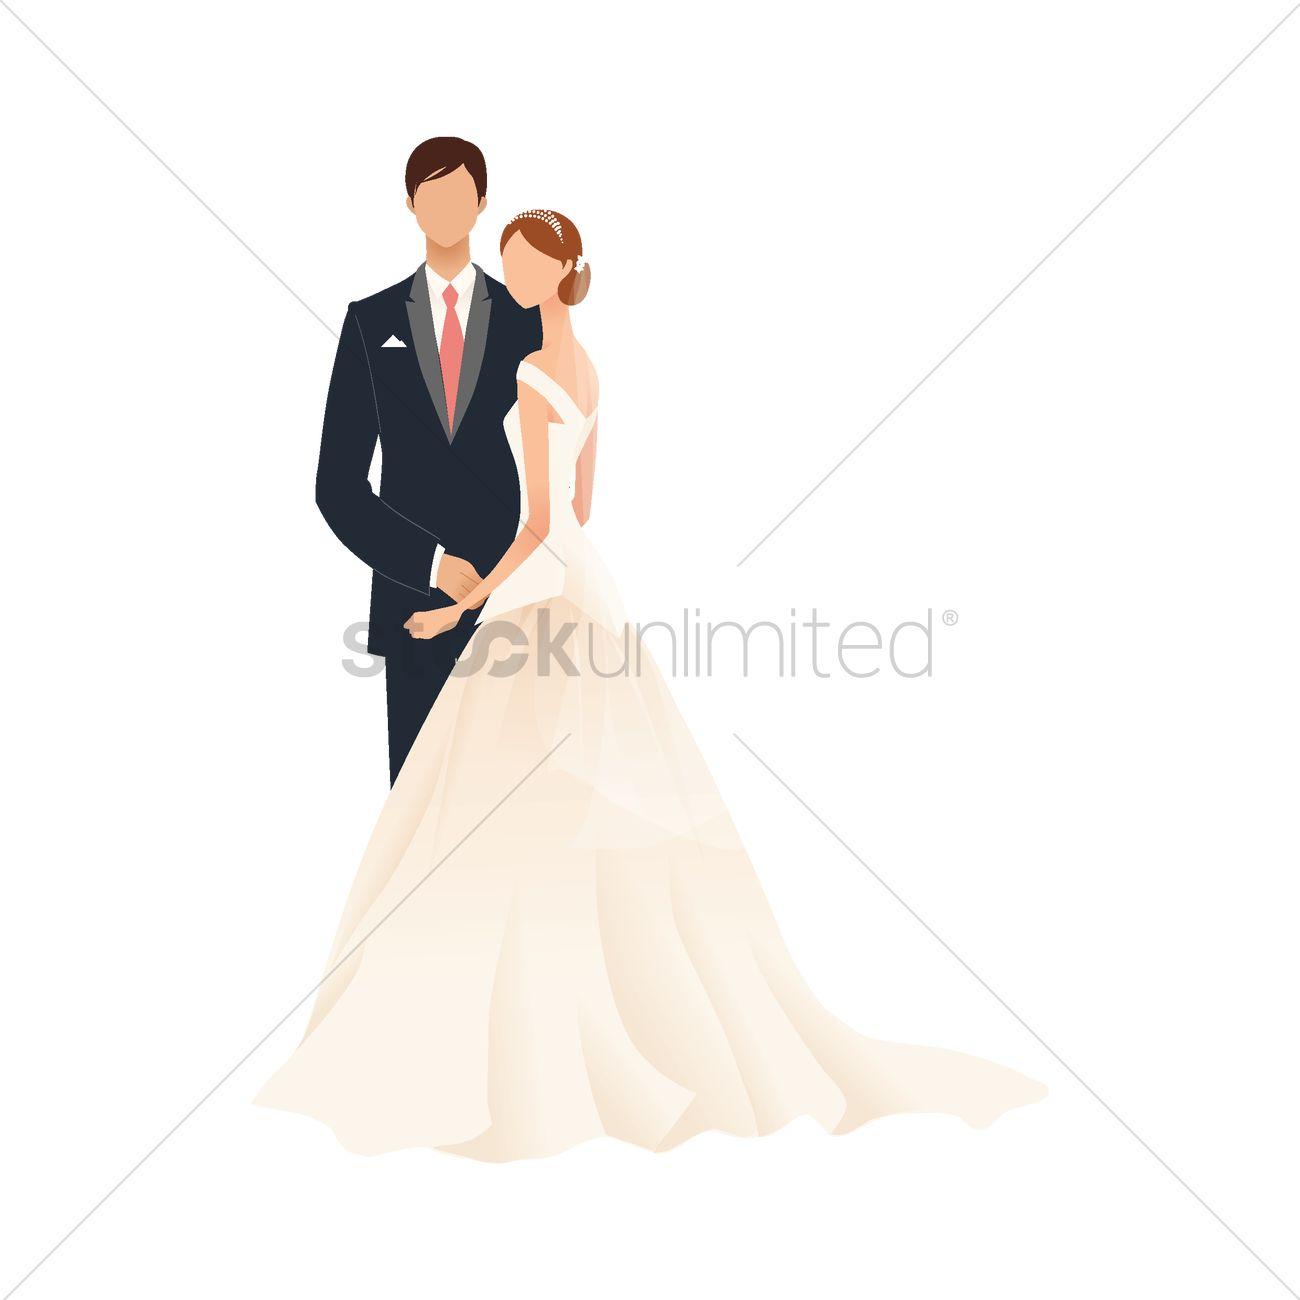 1300x1300 Bride And Bridegroom Vector Image